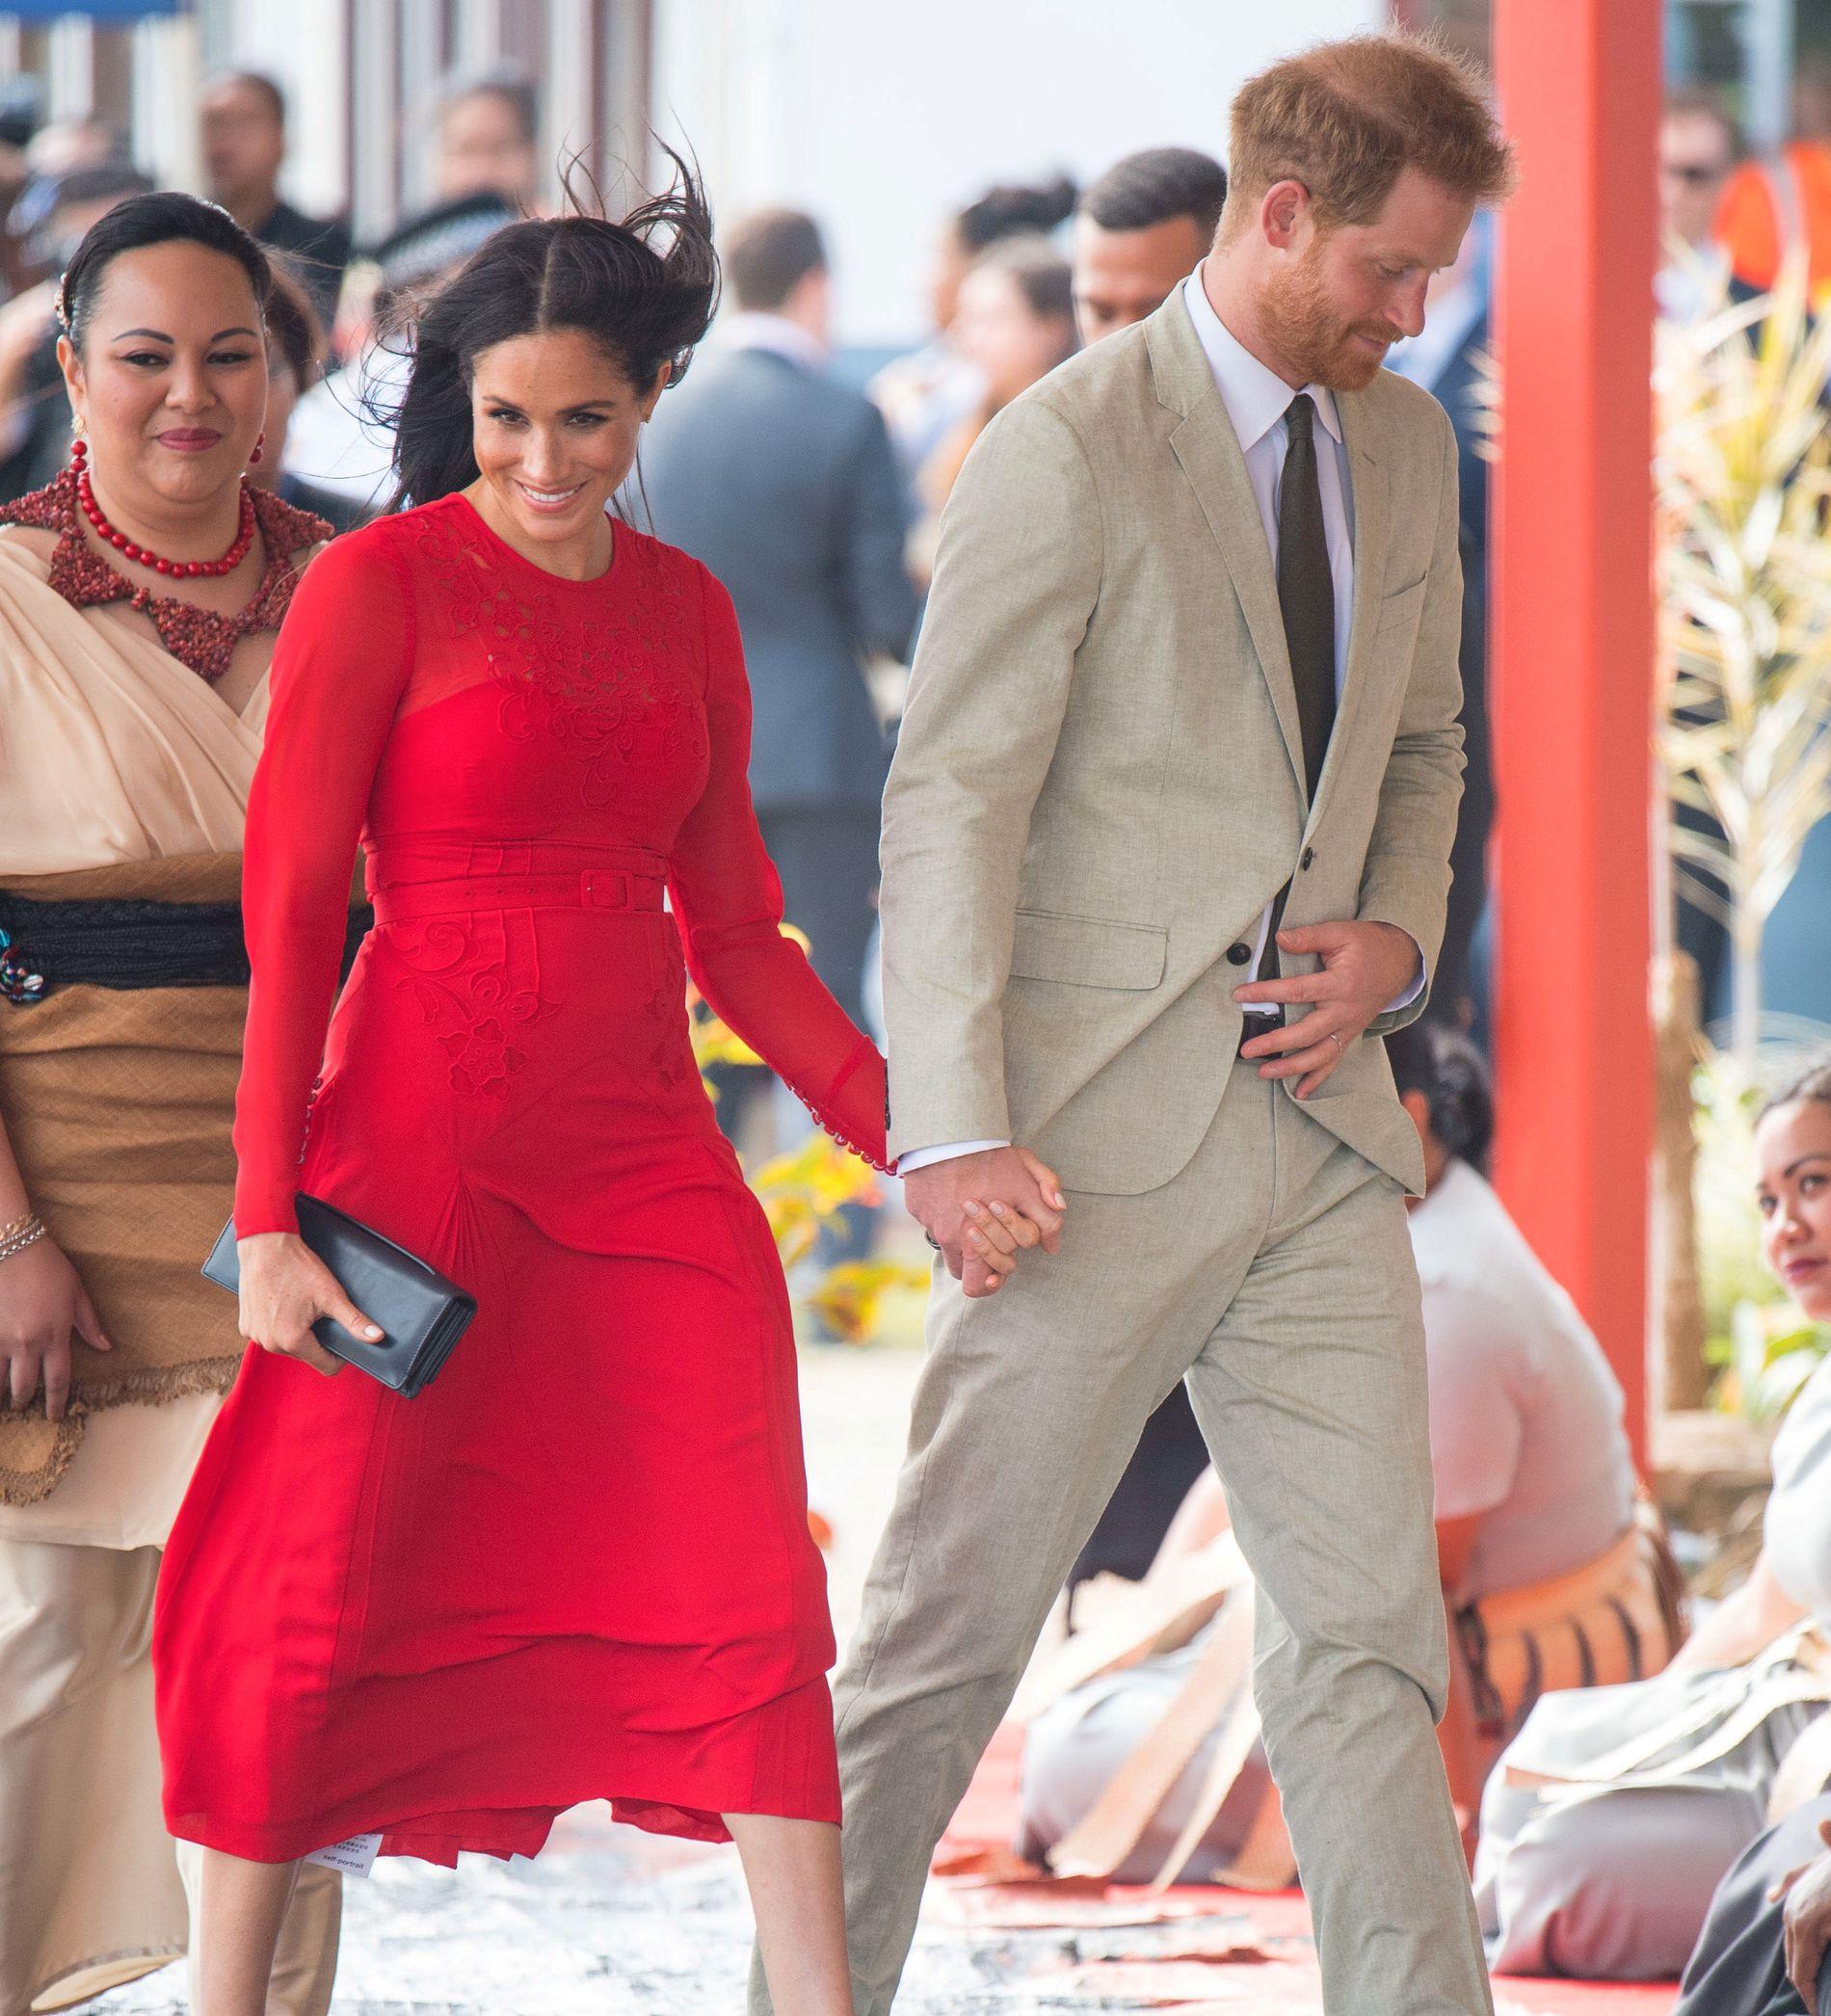 FINN ÉN FEIL: Meghan og Harry i Tonga – men stylister og stab til tross, selv hertuginnen kan gå på en liten smell. Ser du hvilken?